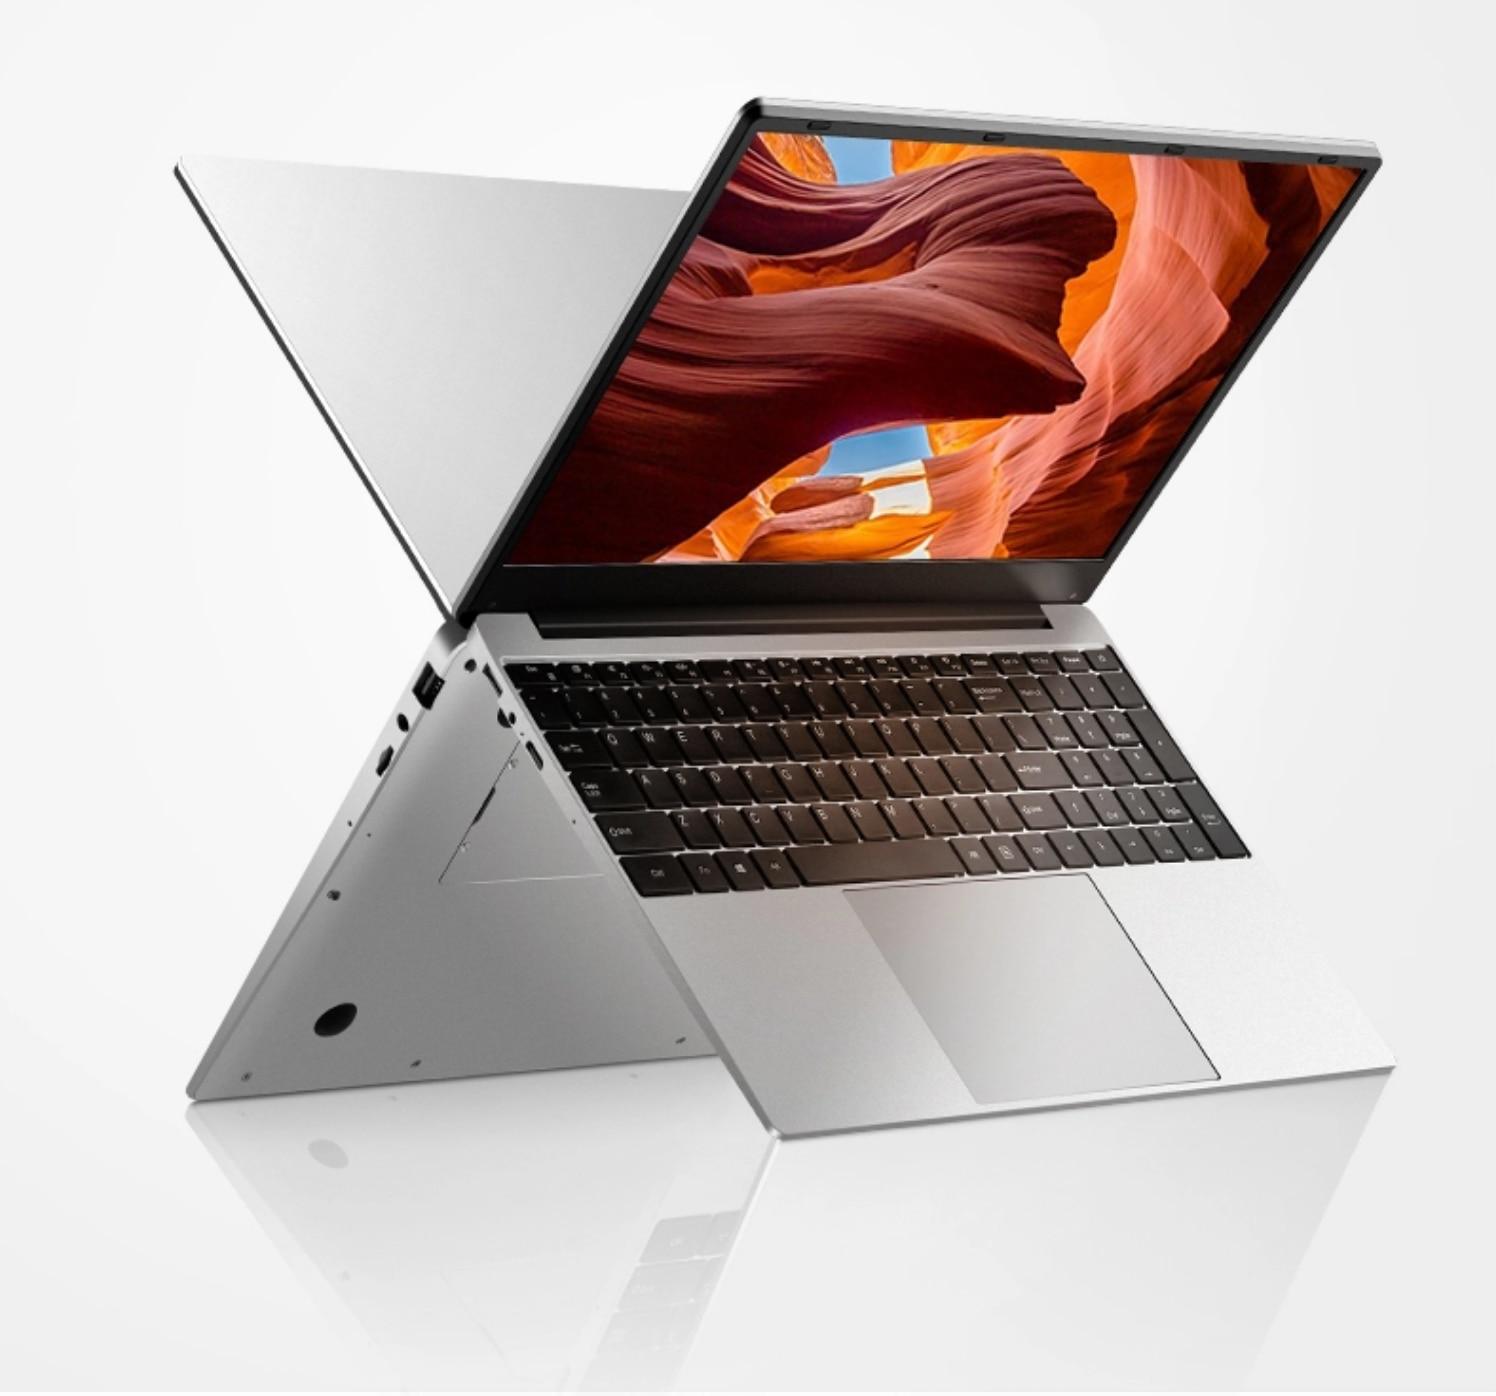 Laptop 14 Inch Window 10 AMD R5 2500U 8GB DDR4 256GB/512GB SSD Camera Bluetooth 4.1